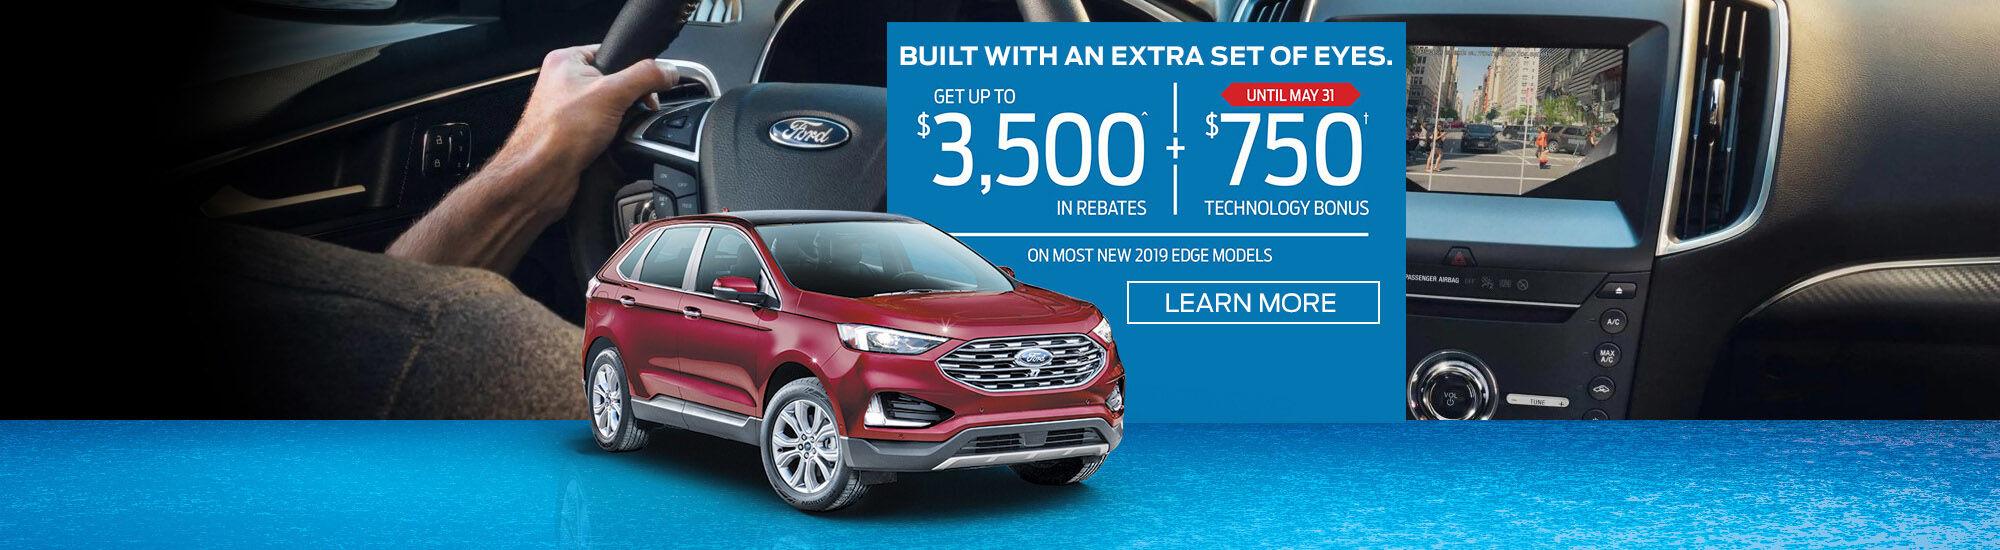 2019 Edge Ford offer